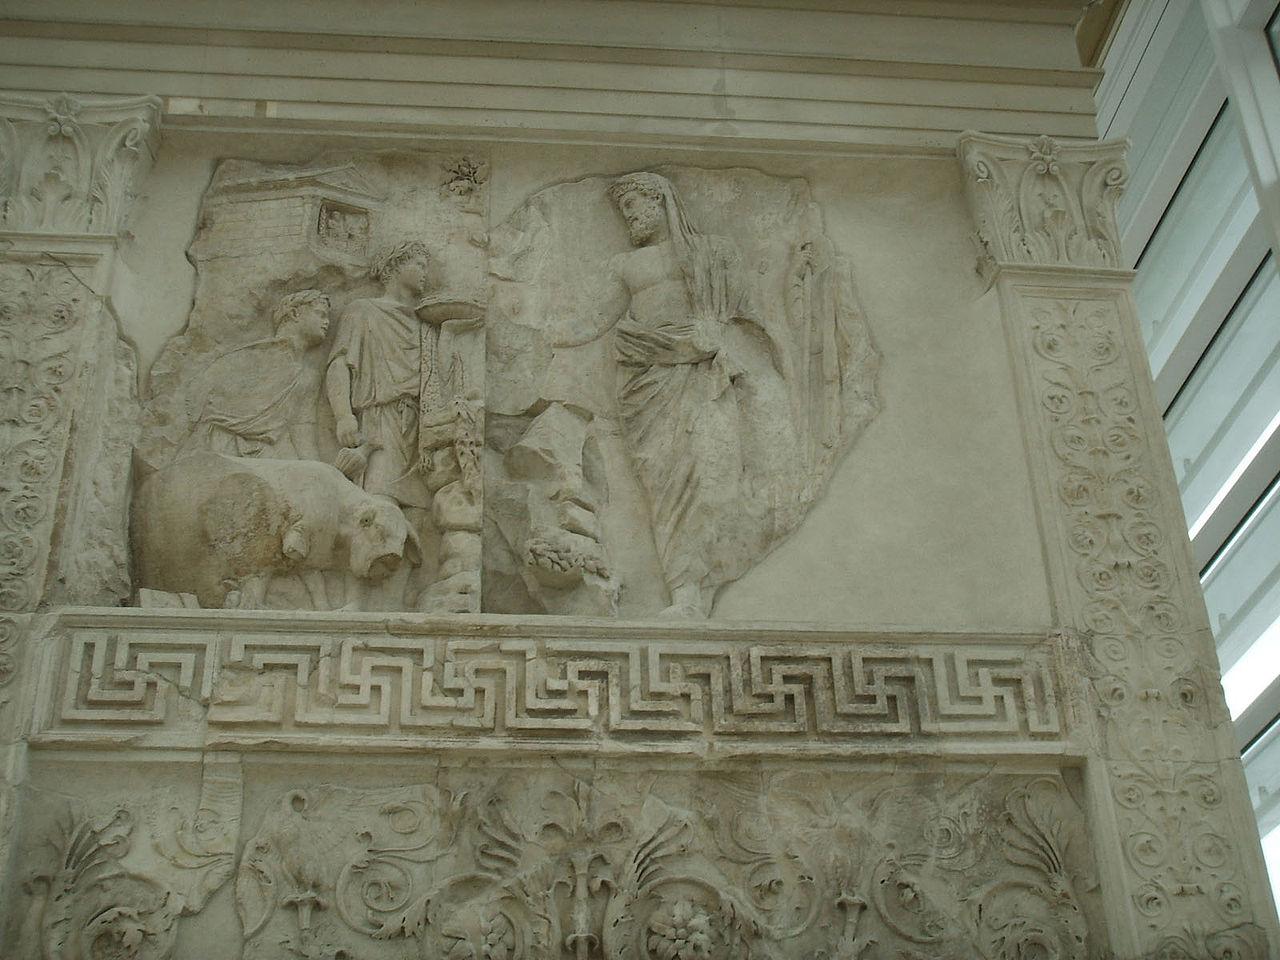 Ara Pacis: Aeneas